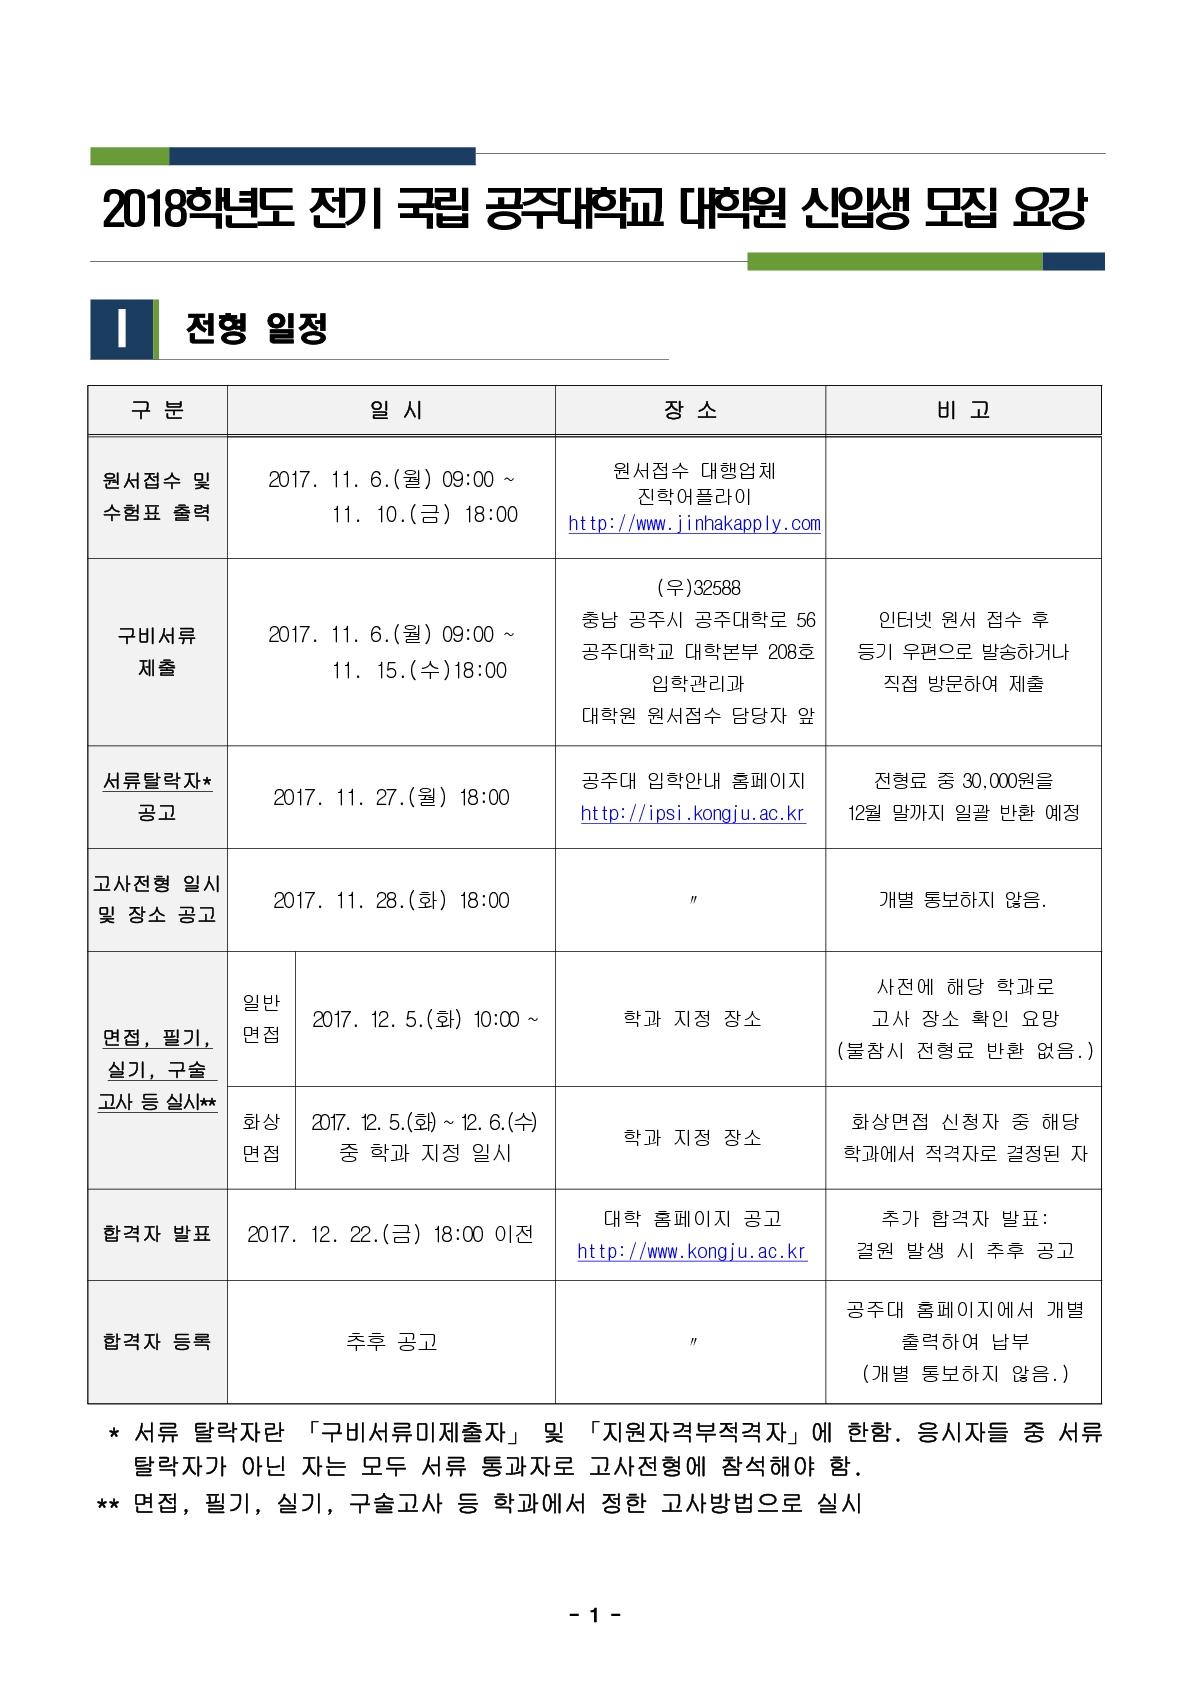 2018학년도-대학원-신입생-모집요강_3.jpg